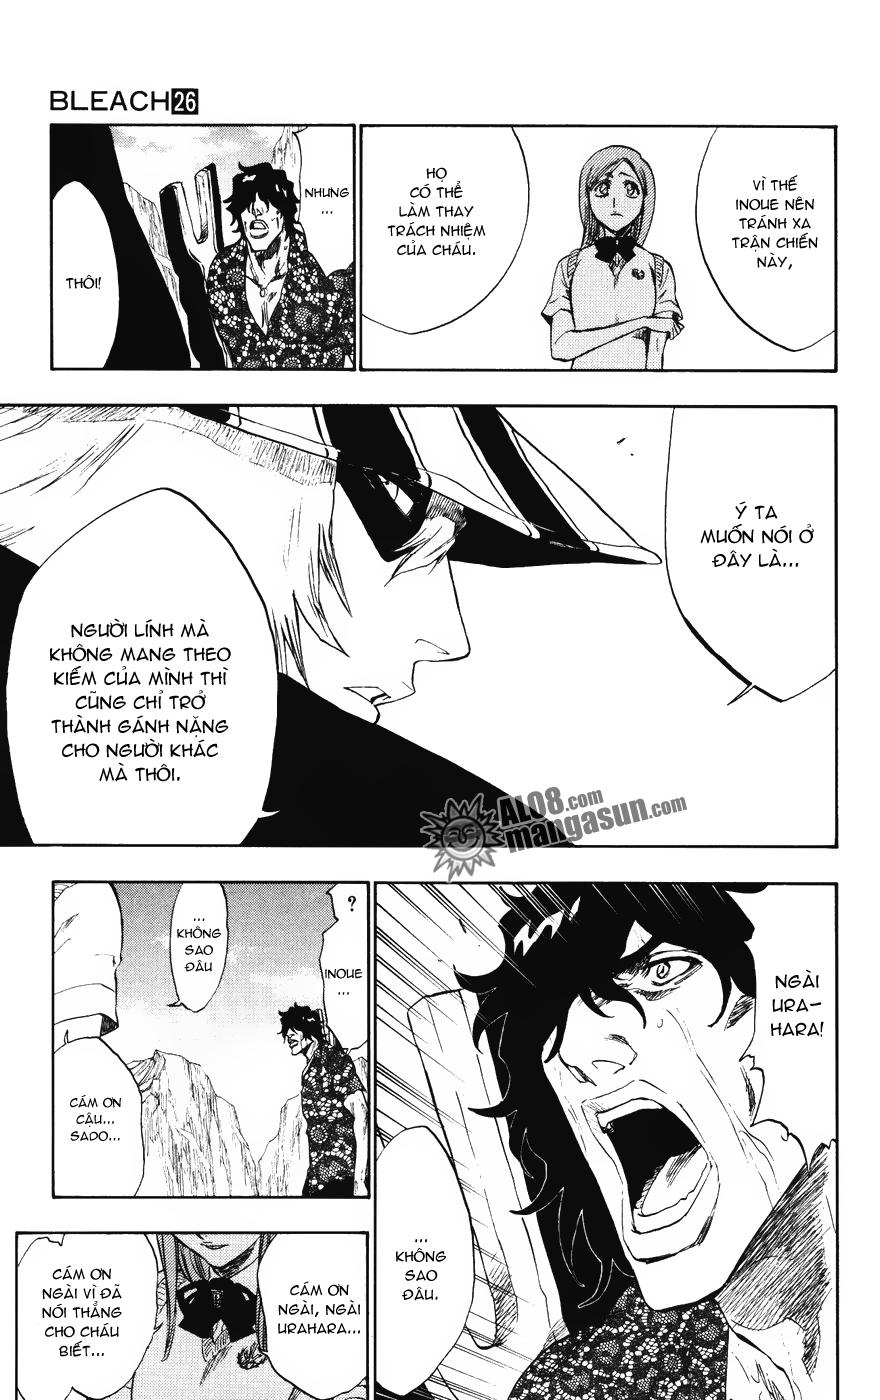 Bleach chapter 227 trang 16